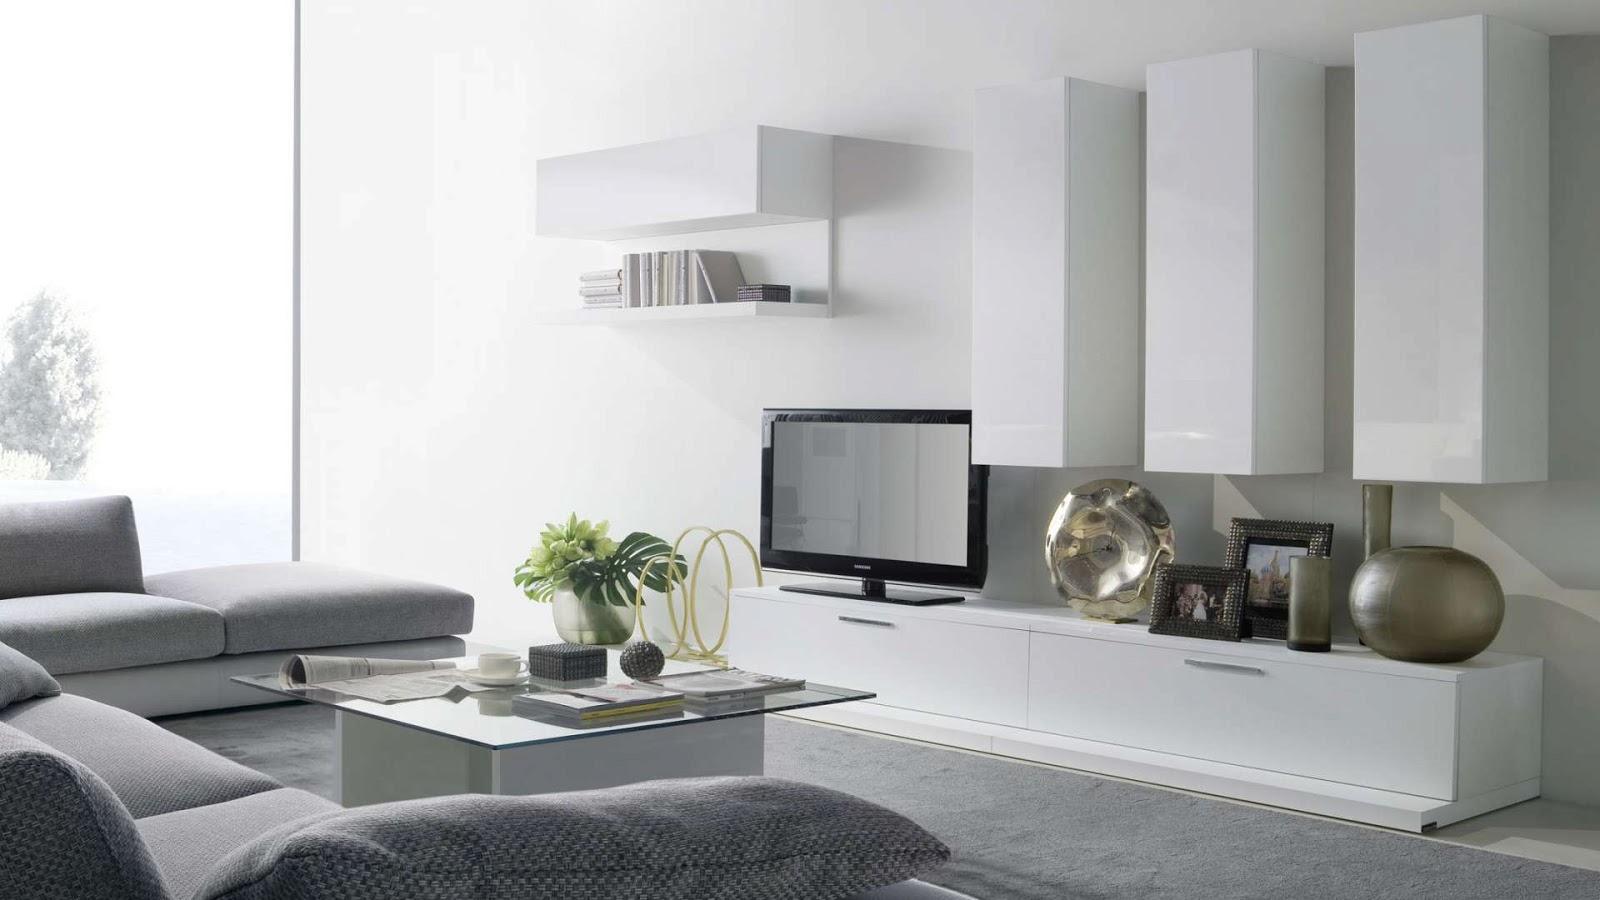 Amedeo liberatoscioli consigli utili come arredare un for Arredamento casa bianco